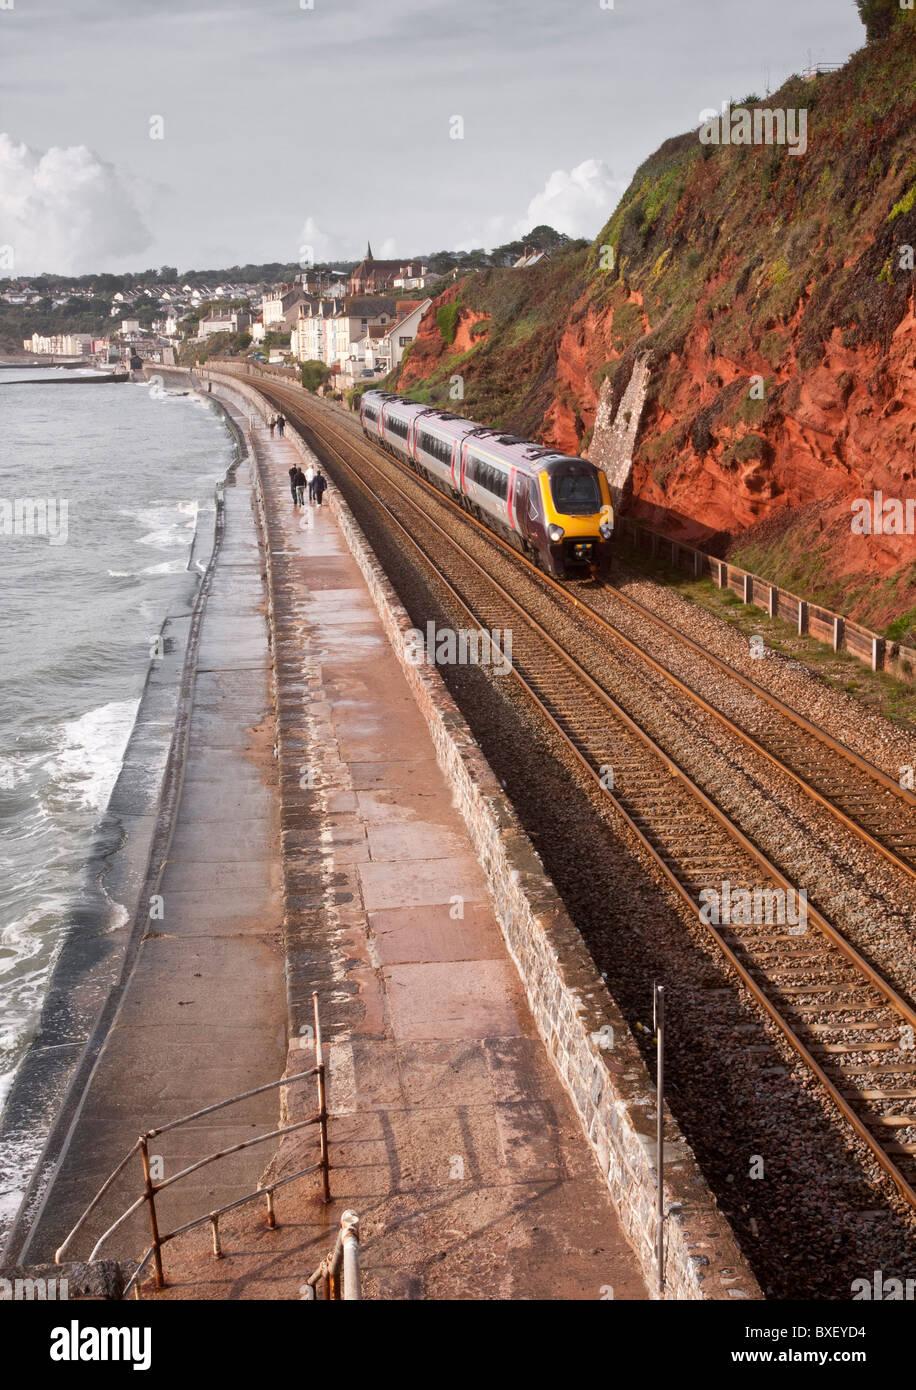 Southwest Railway line at Dawlish, UK Stock Photo